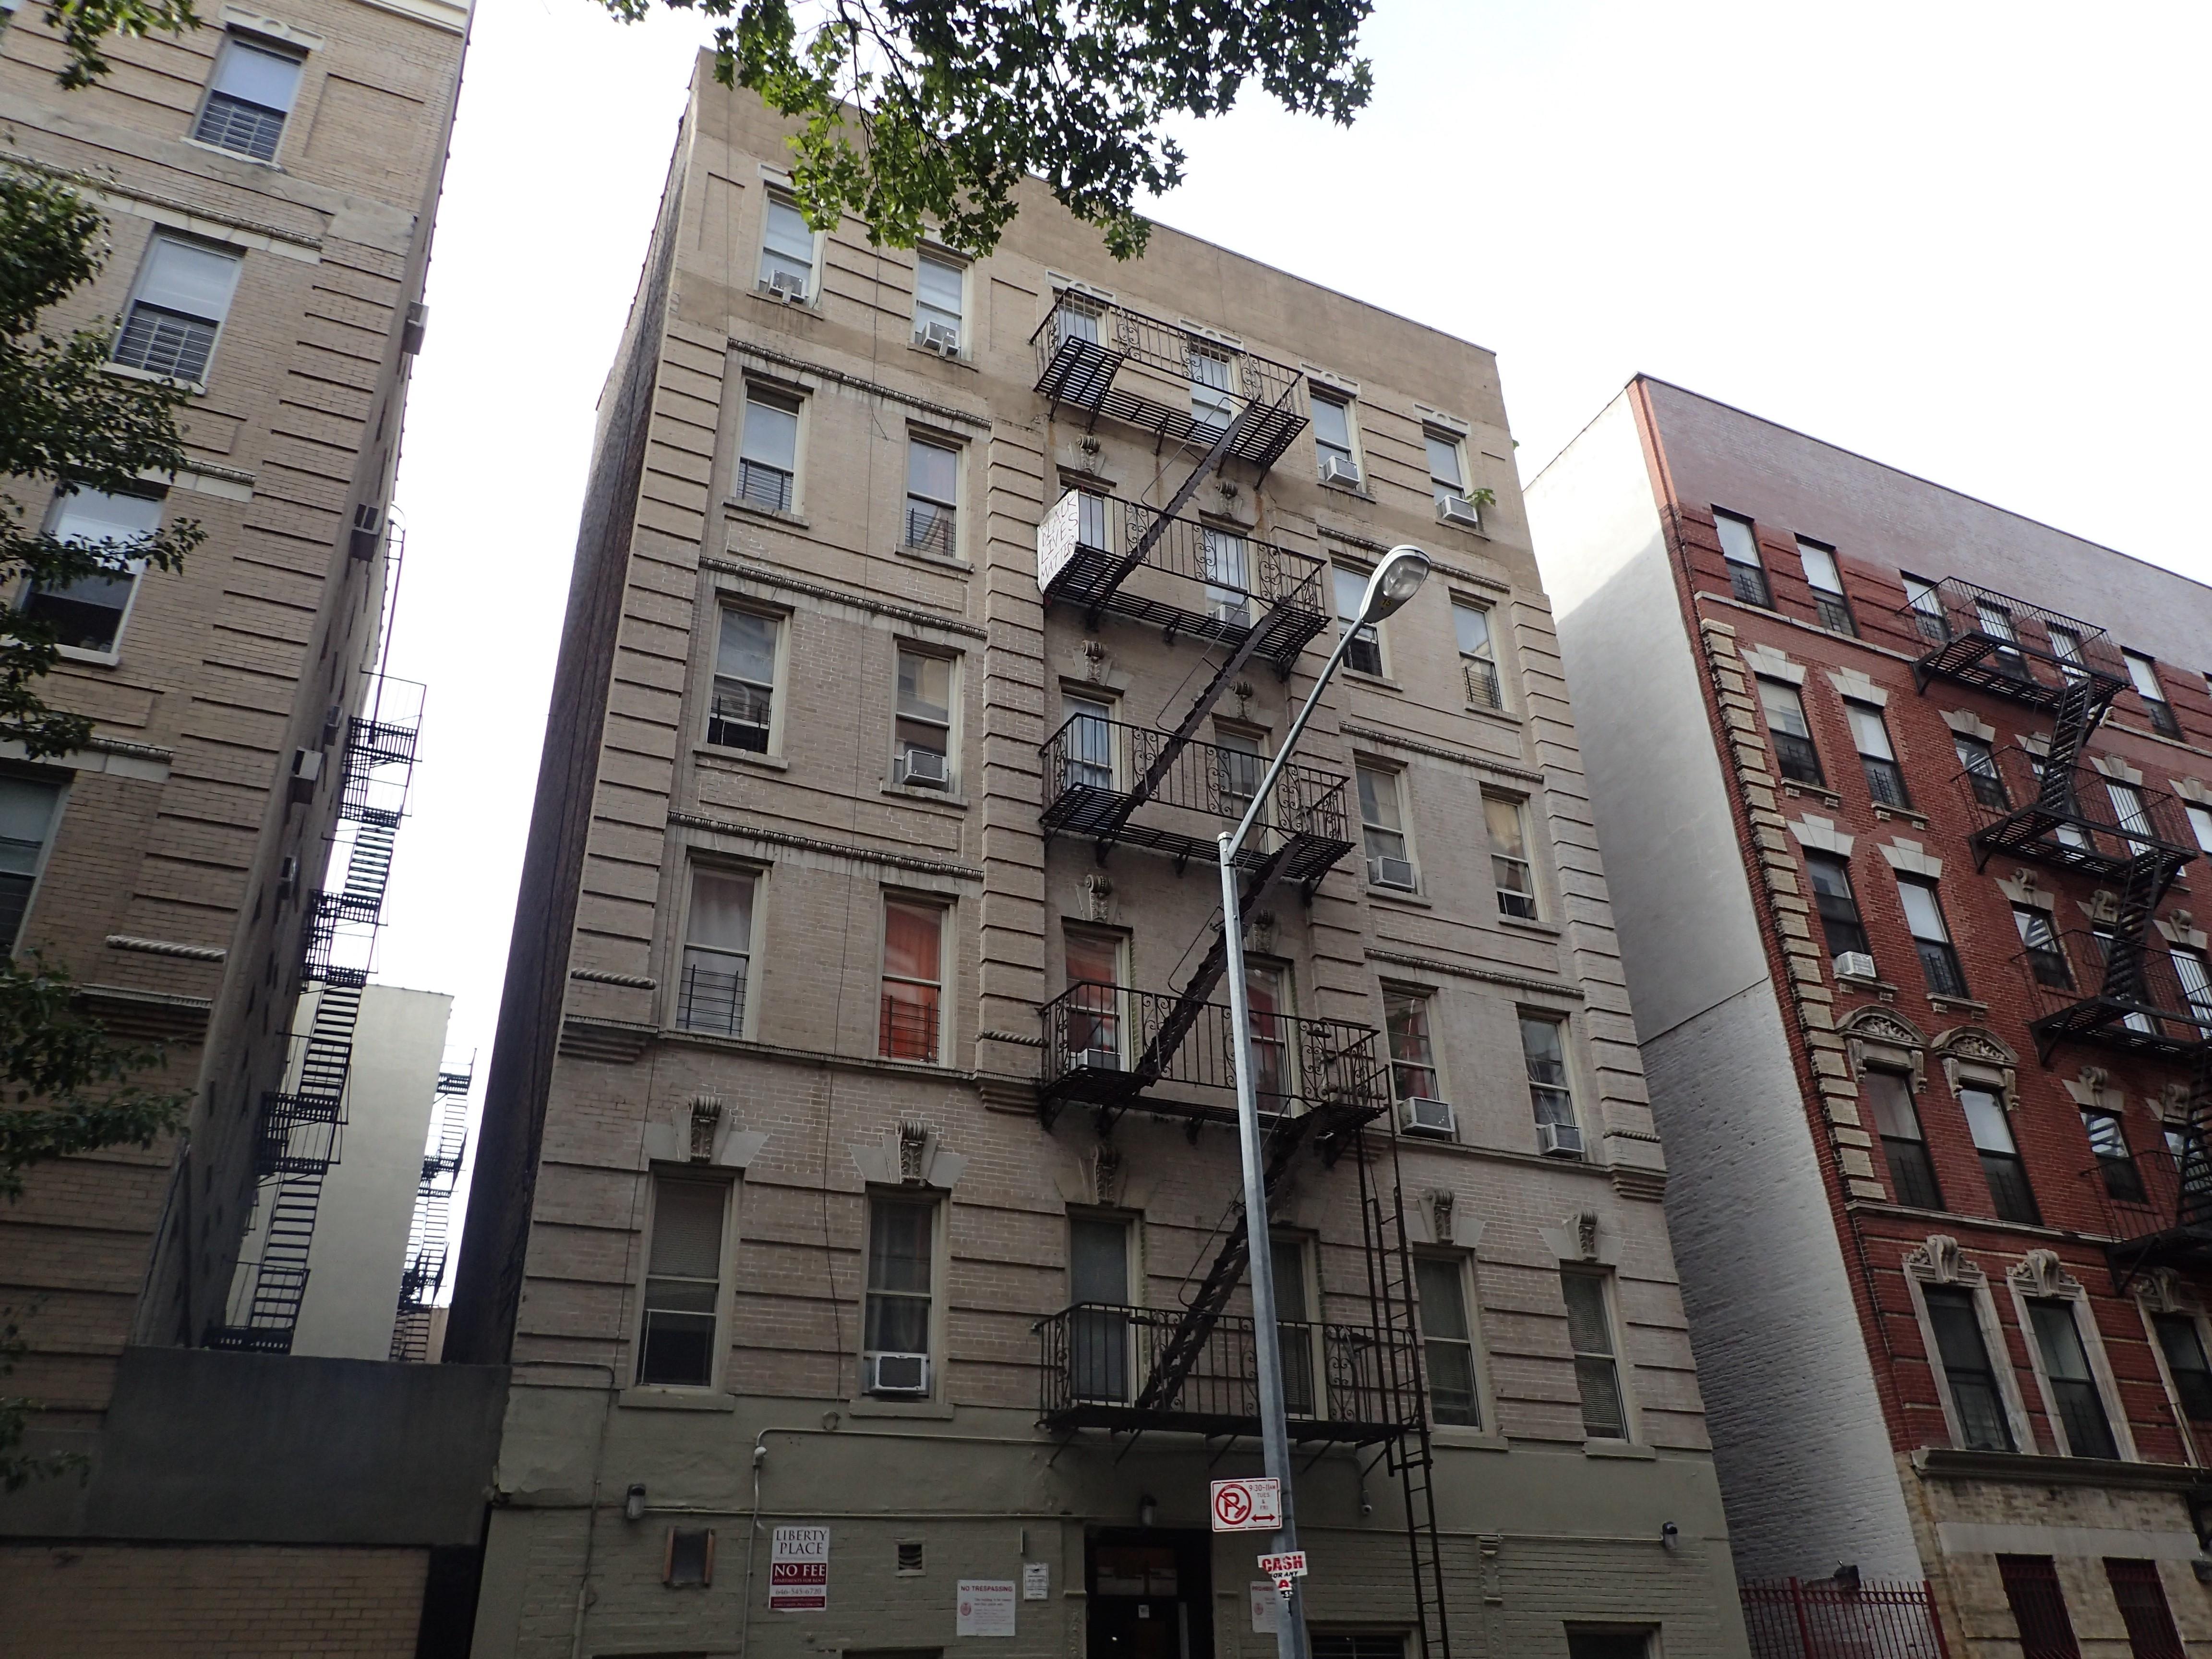 Harlem, Manhattan